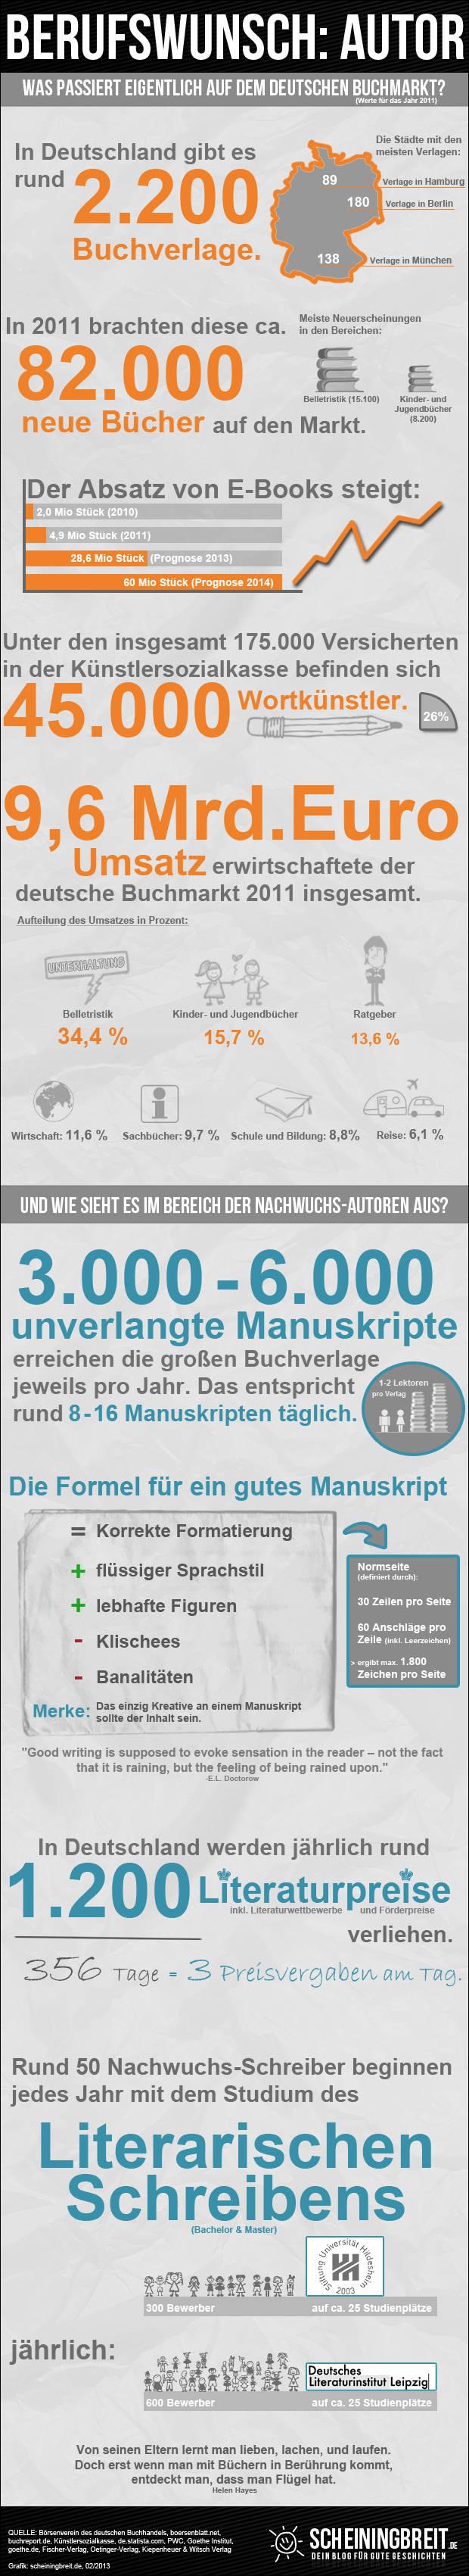 Leselupe.de - Ein Buch veröffentlichen und drucken lassen